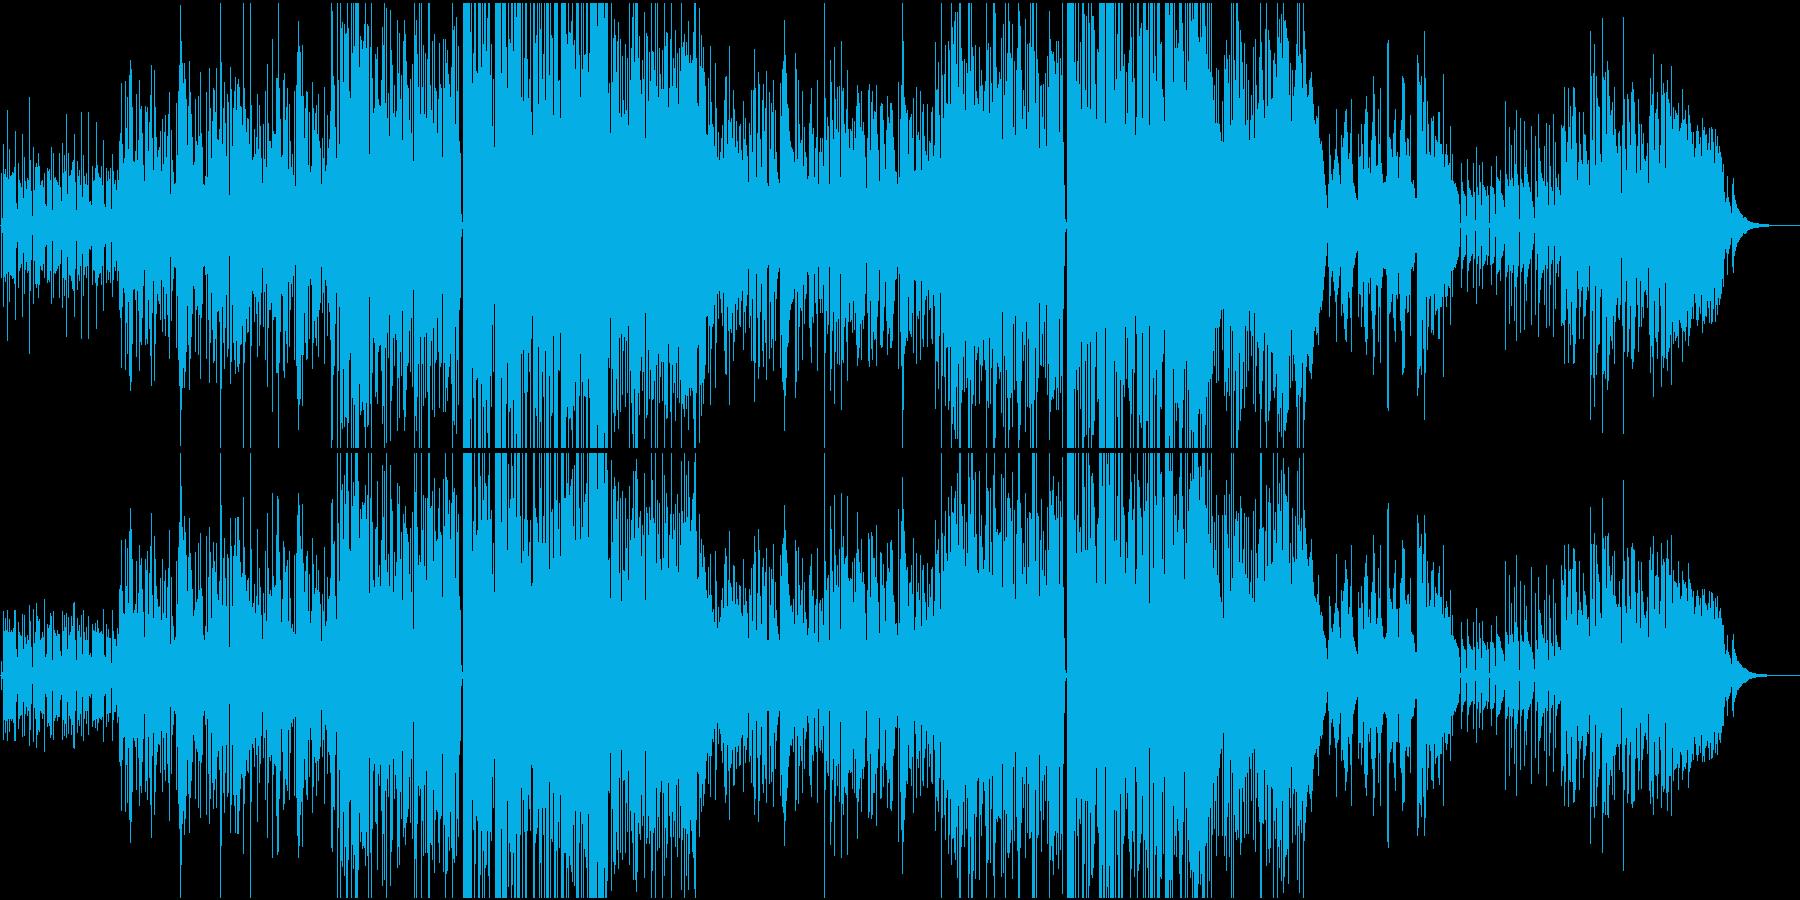 落ち込んだ時に心を落ち着かせてくれる曲の再生済みの波形